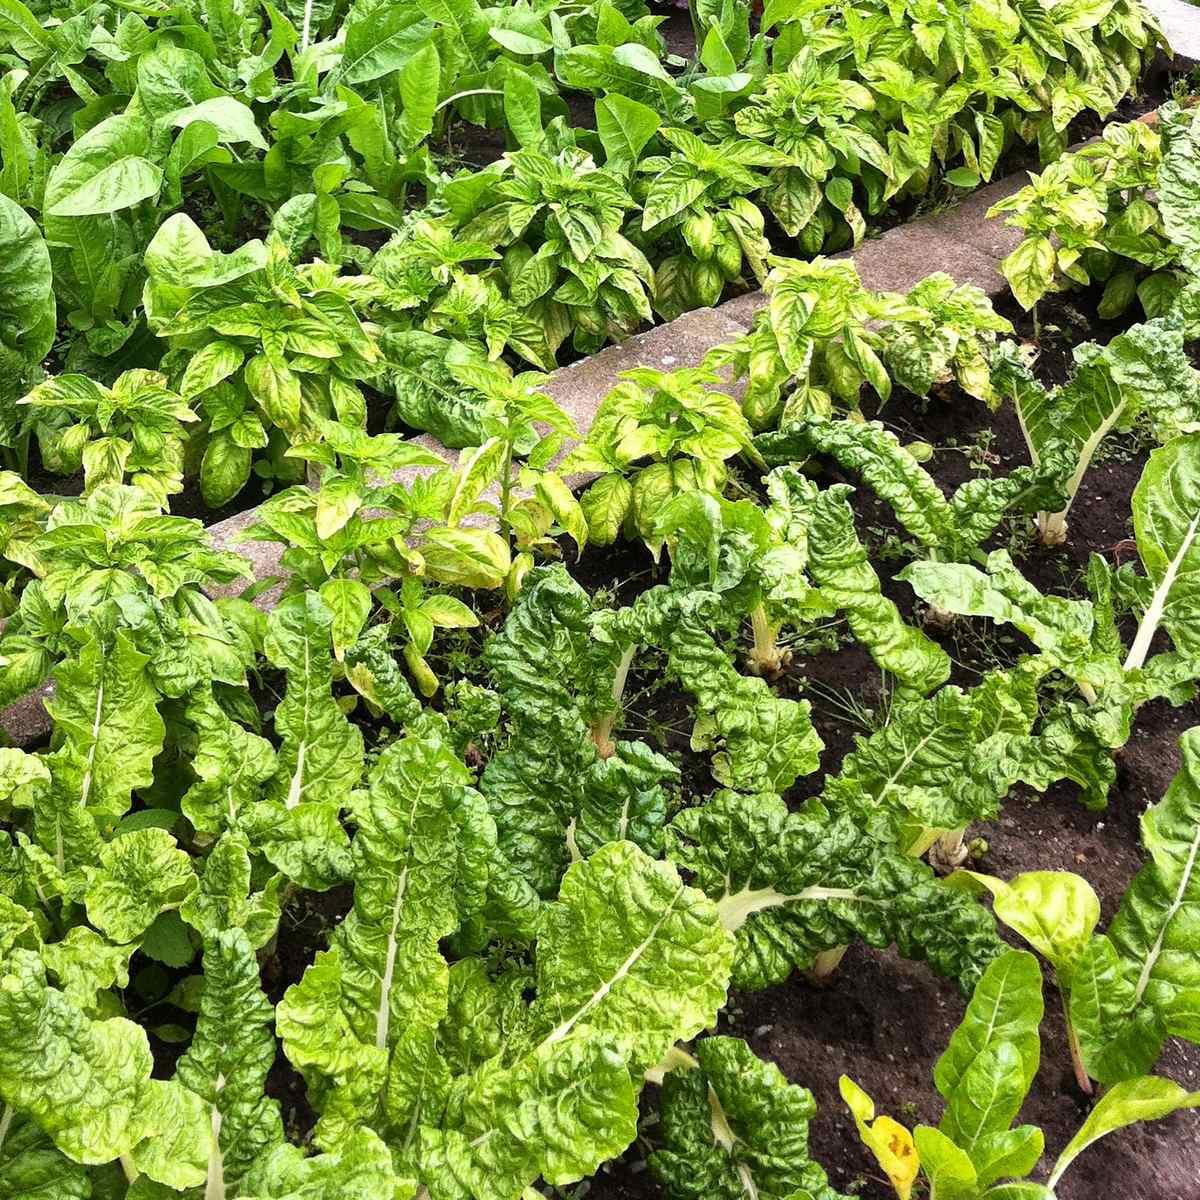 Swiss Chard (Bietola) growing in a garden.